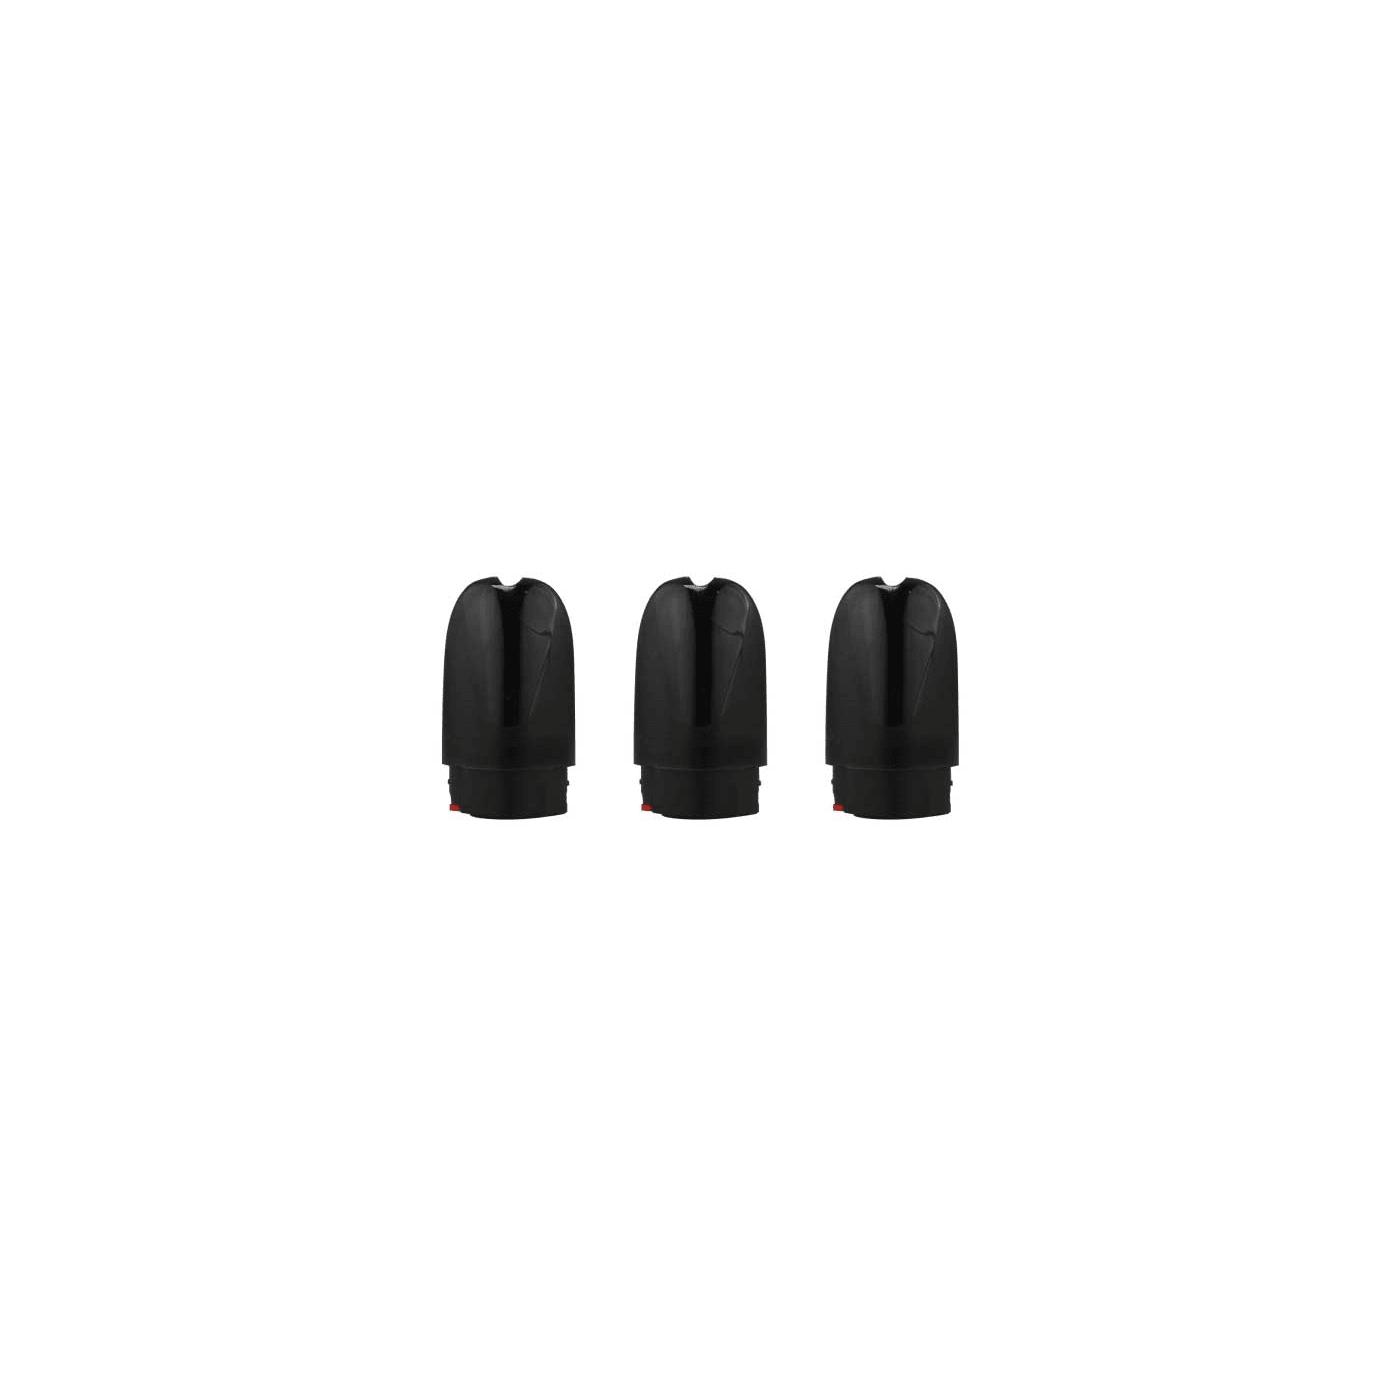 Kanger UBOAT Pod Cartridge - 3 Pack